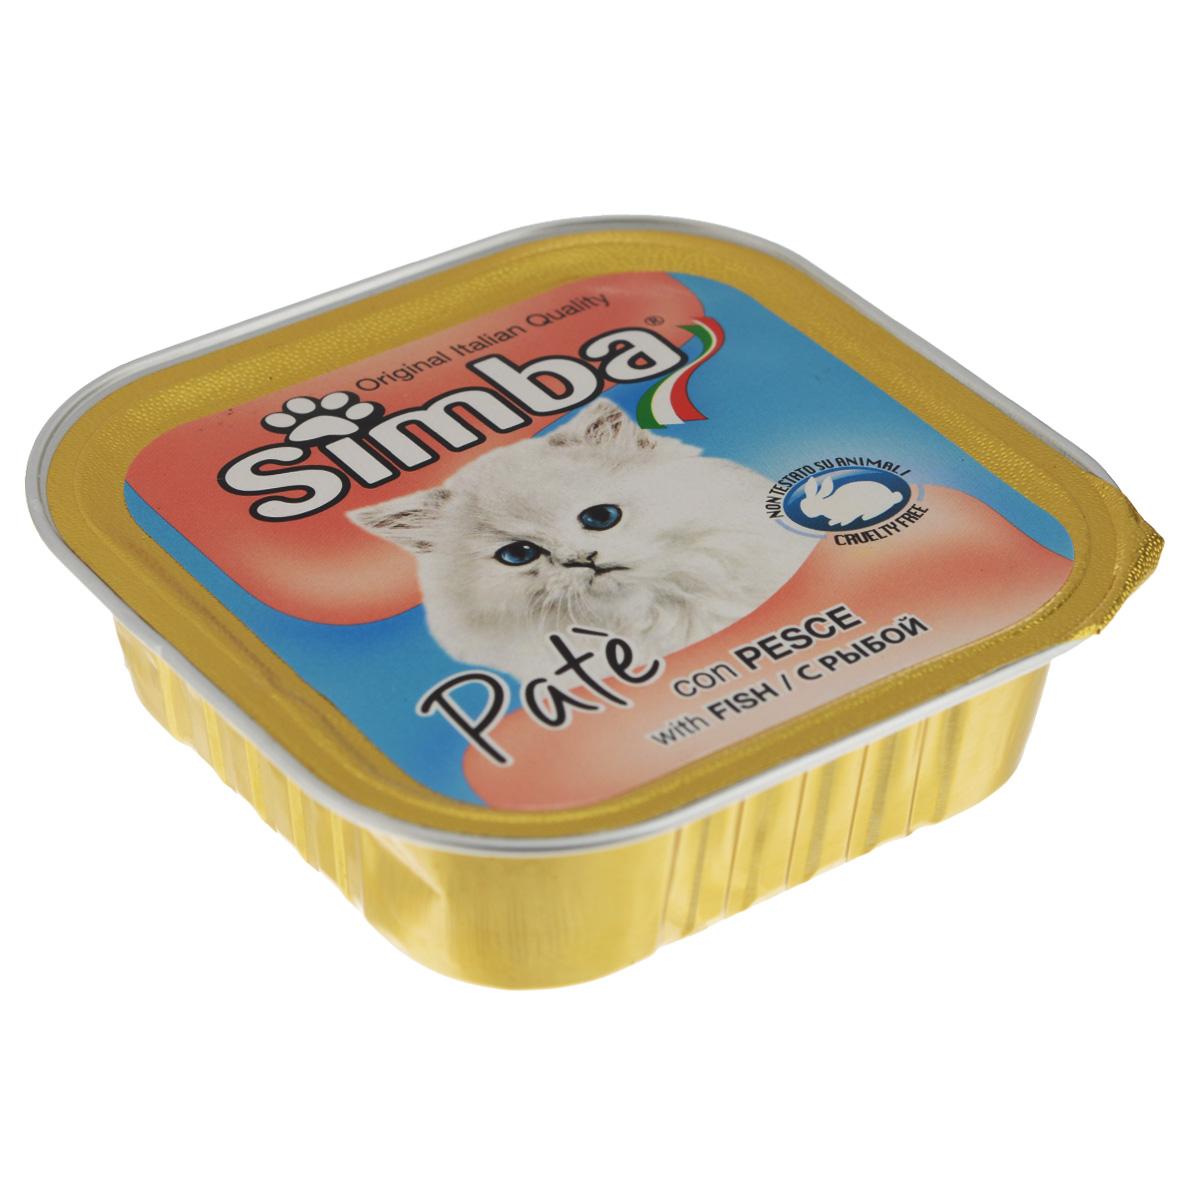 Консервы Monge Simba для взрослых кошек, паштет с рыбой, 100 г владислава миронова мясные и рыбные консервы своими руками